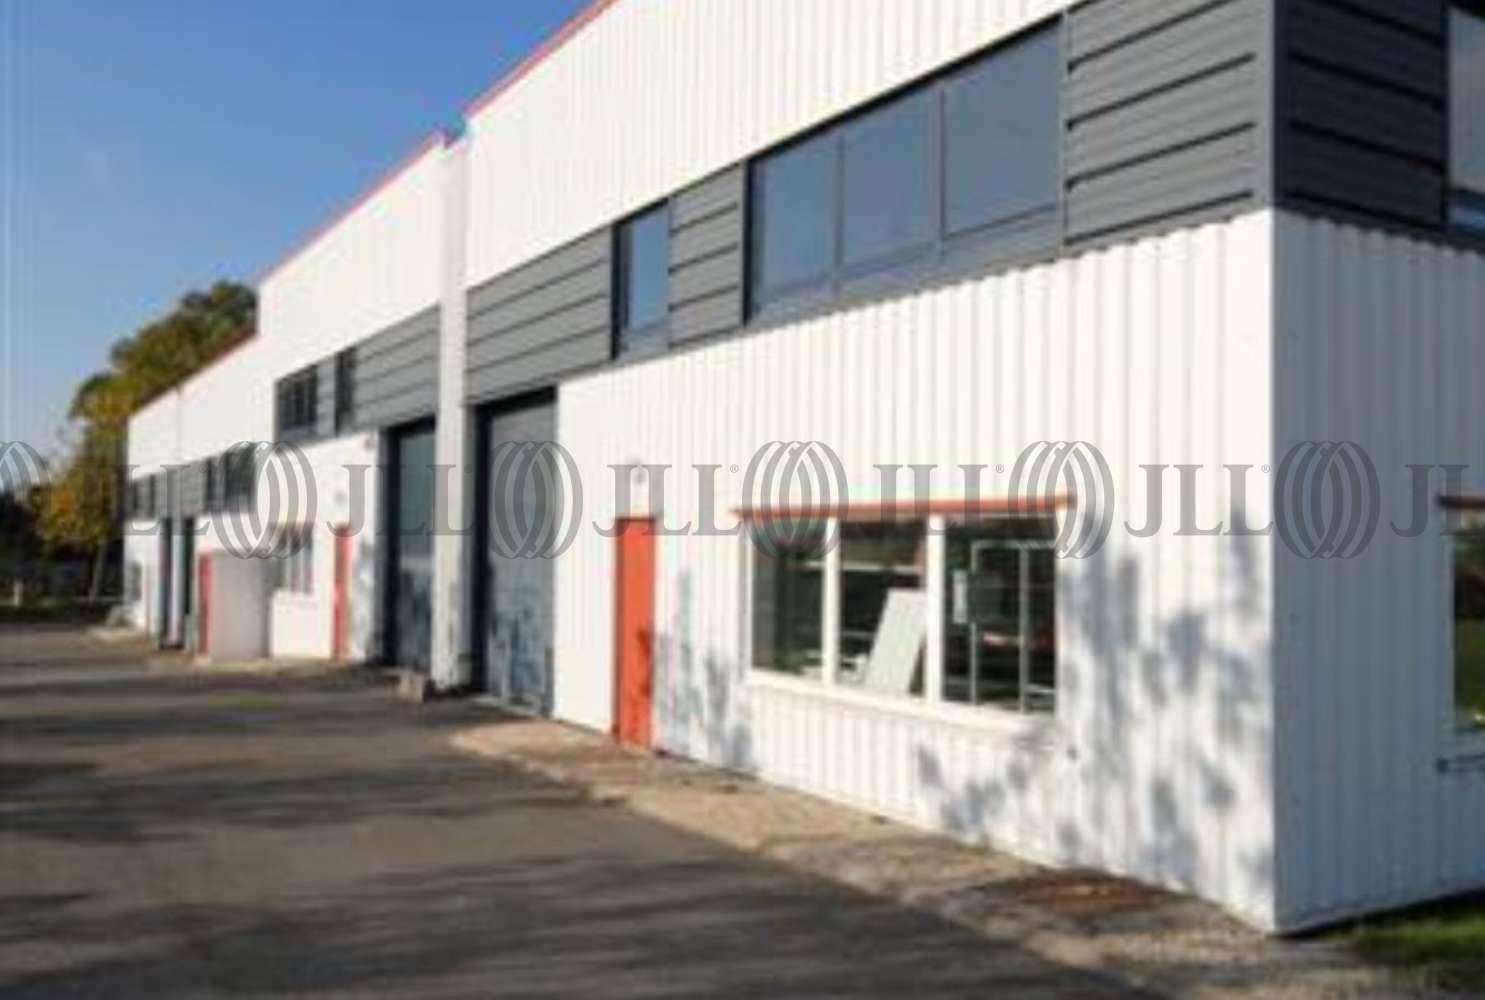 Activités/entrepôt Quincy voisins, 77860 - DC 2 - 9471740